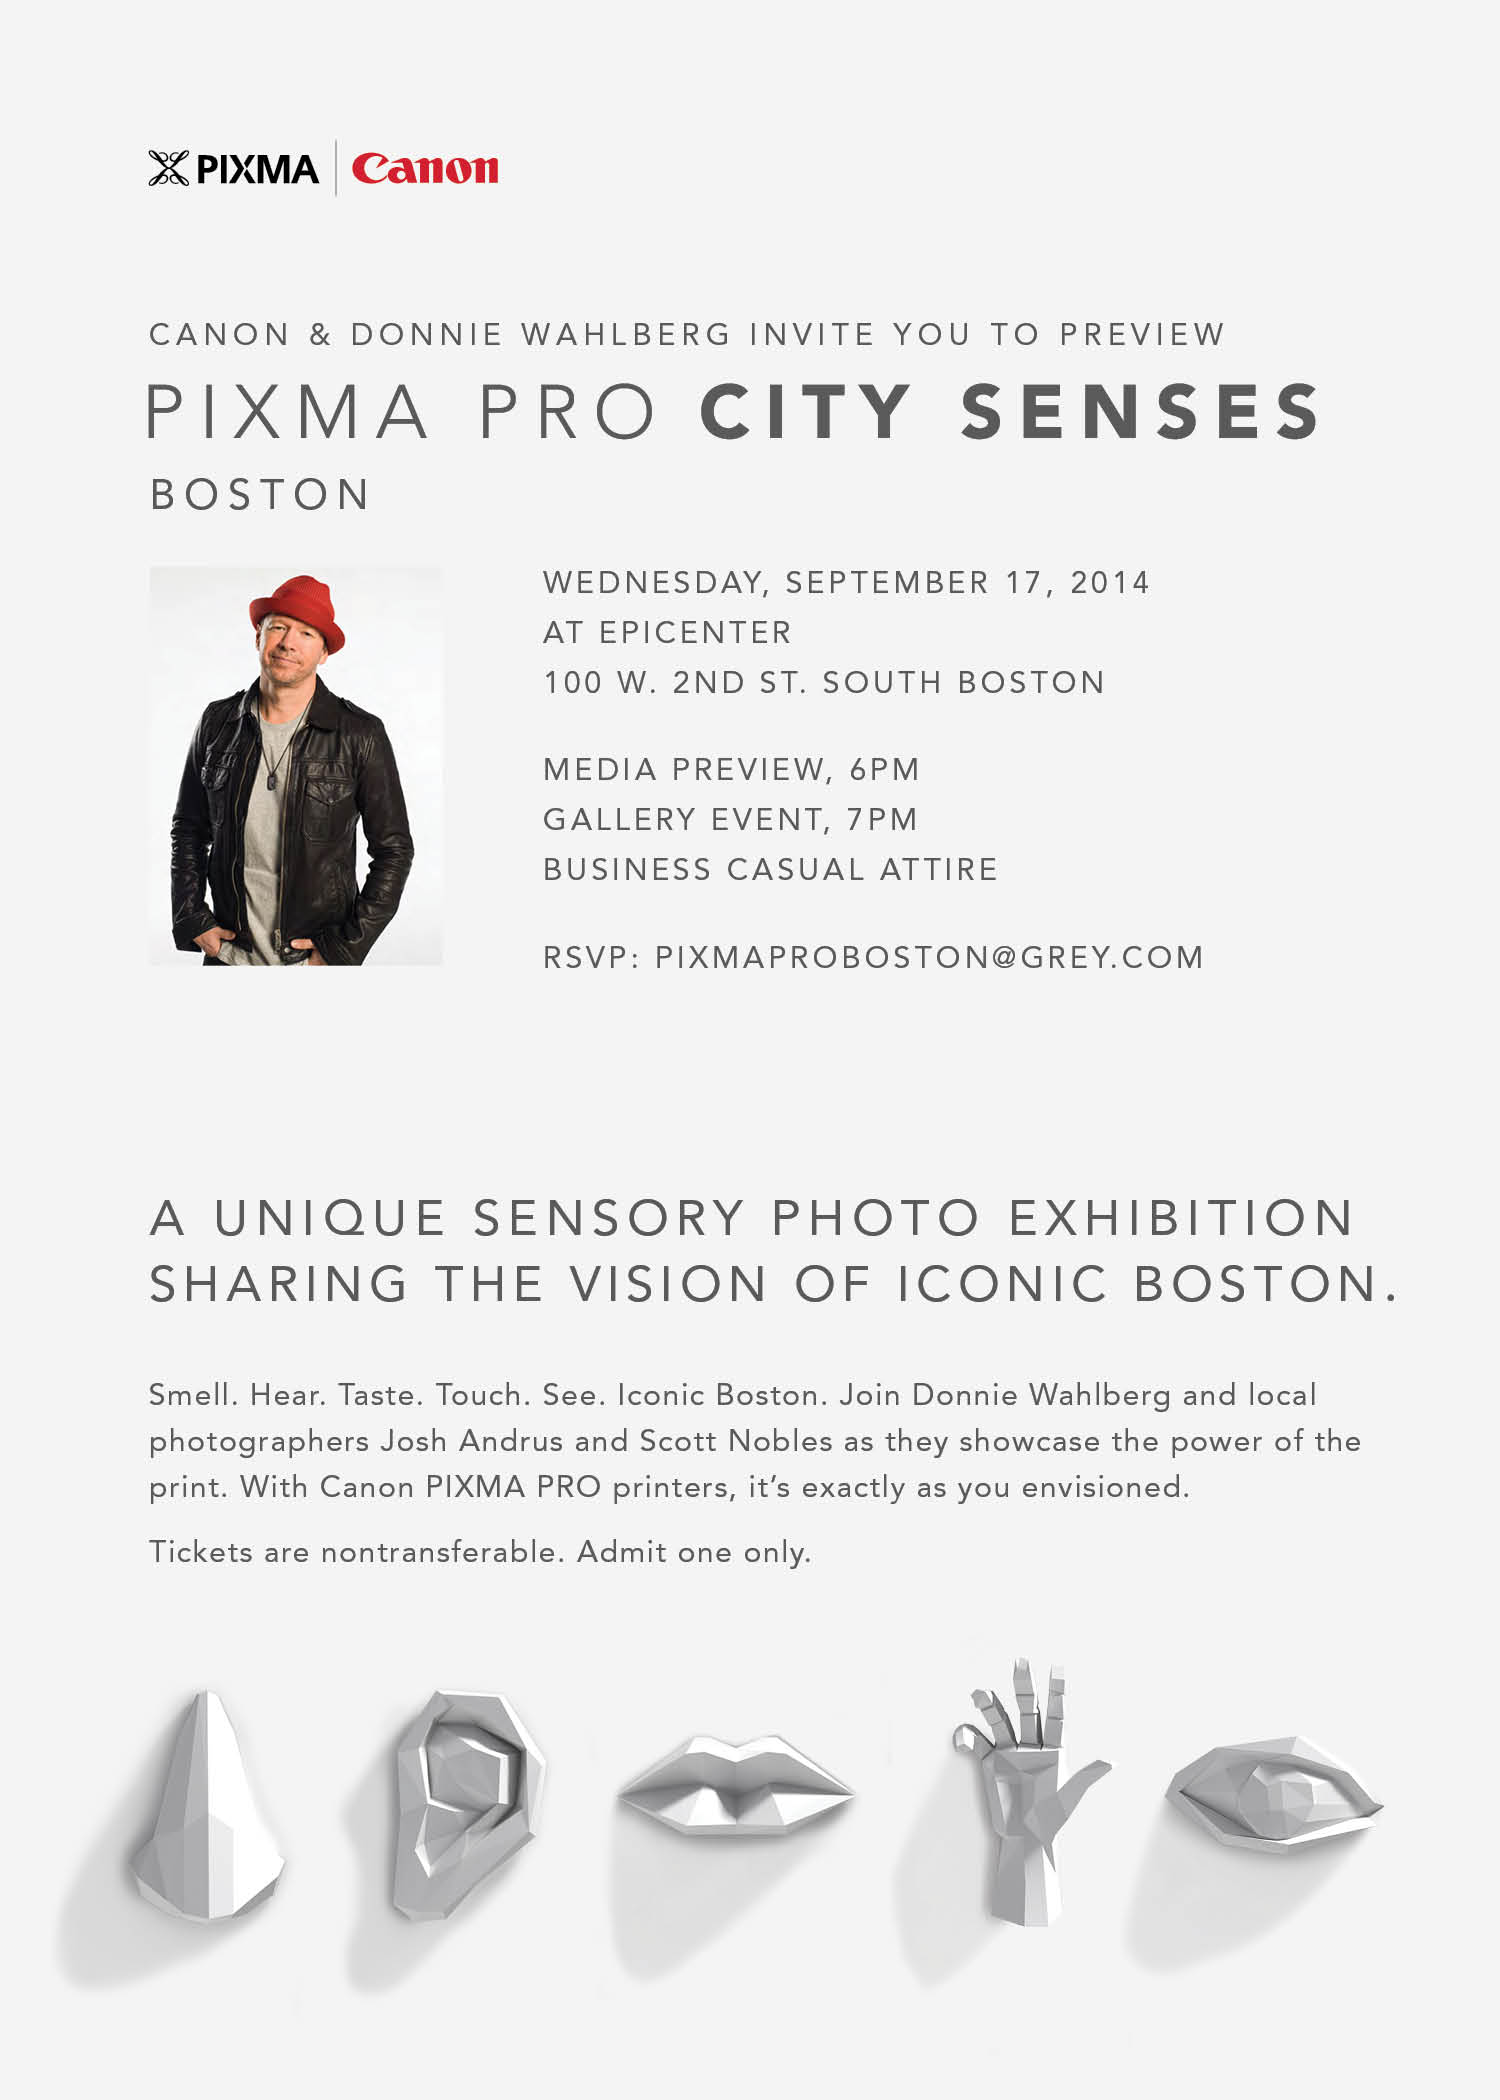 canon-pixma-pro-city-senses-gallery-event-in-boston-ma-on-91714_15746606567_o.jpg